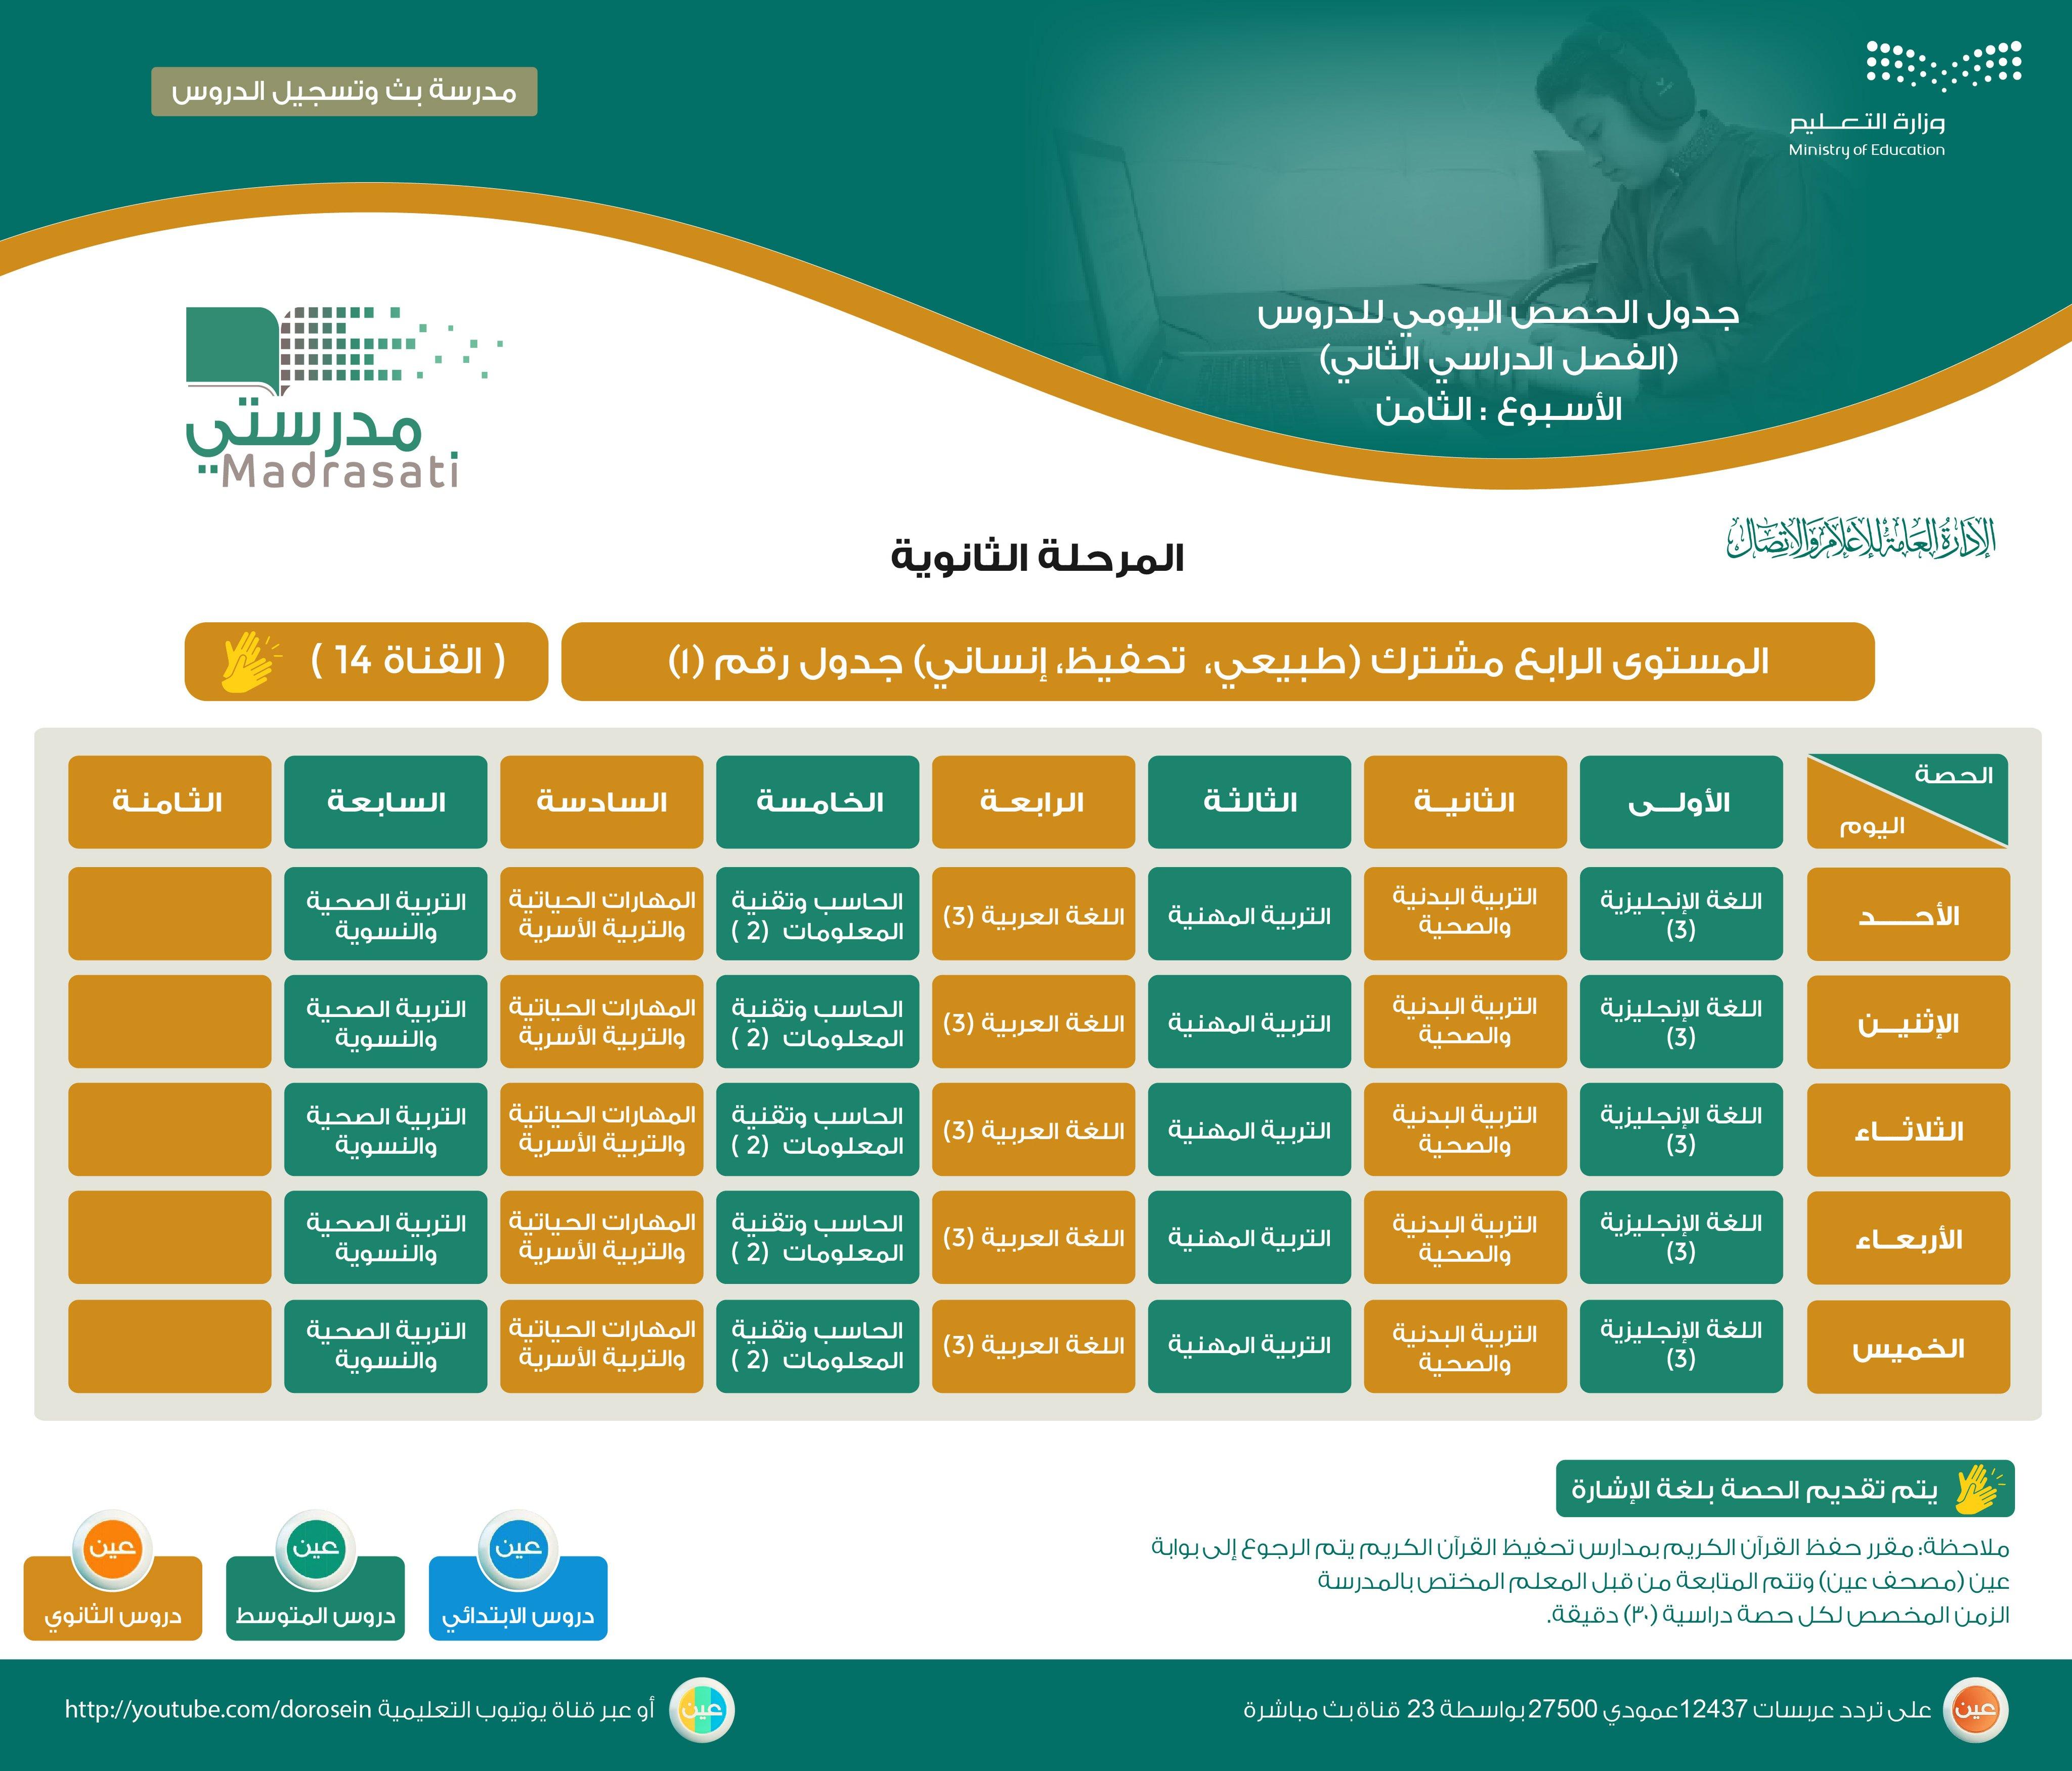 جدول المرحلة الثانوية المستوى الرابع (طبيعي، تحفيظ، إنساني)